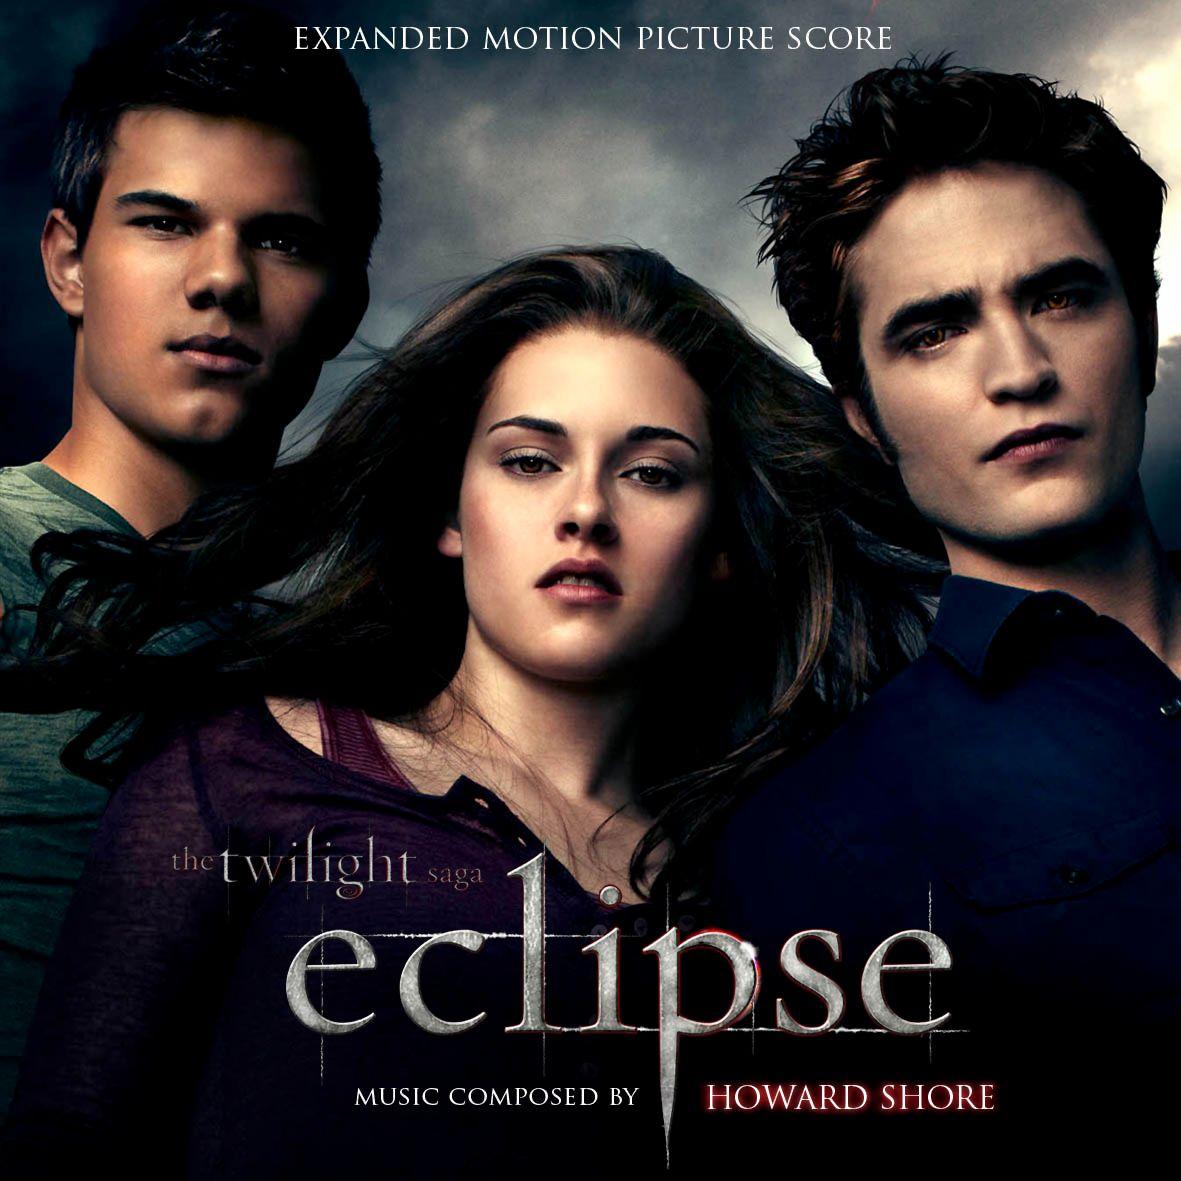 Eclipse Twilight Soundtrack Download Torrent Saga